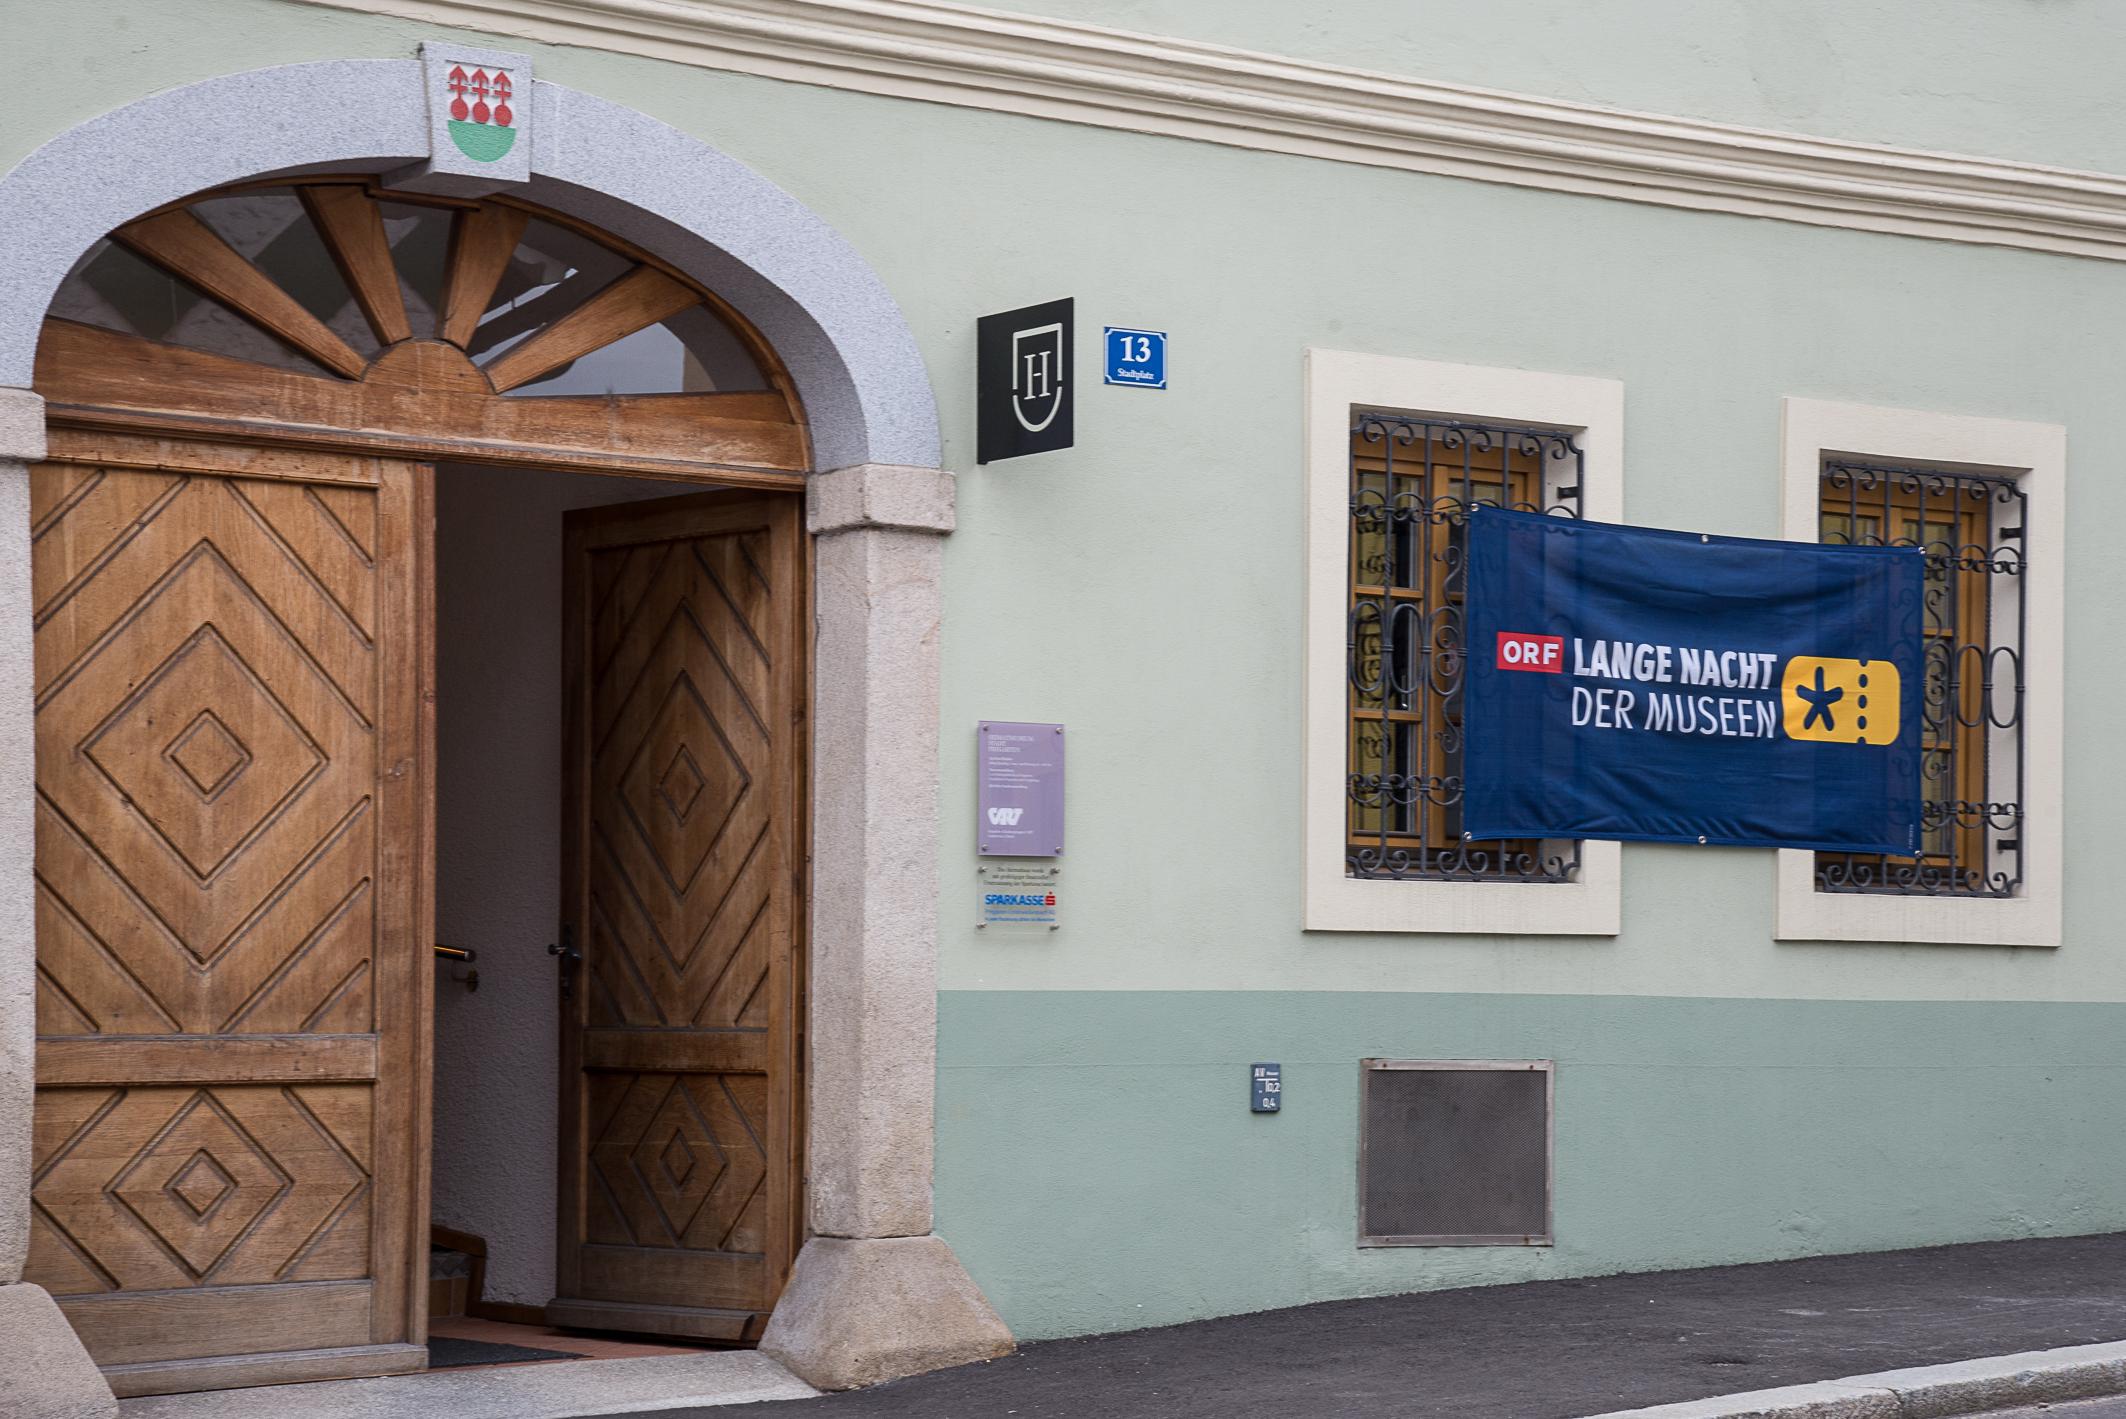 orf-lange-nacht-im-museum-pregarten